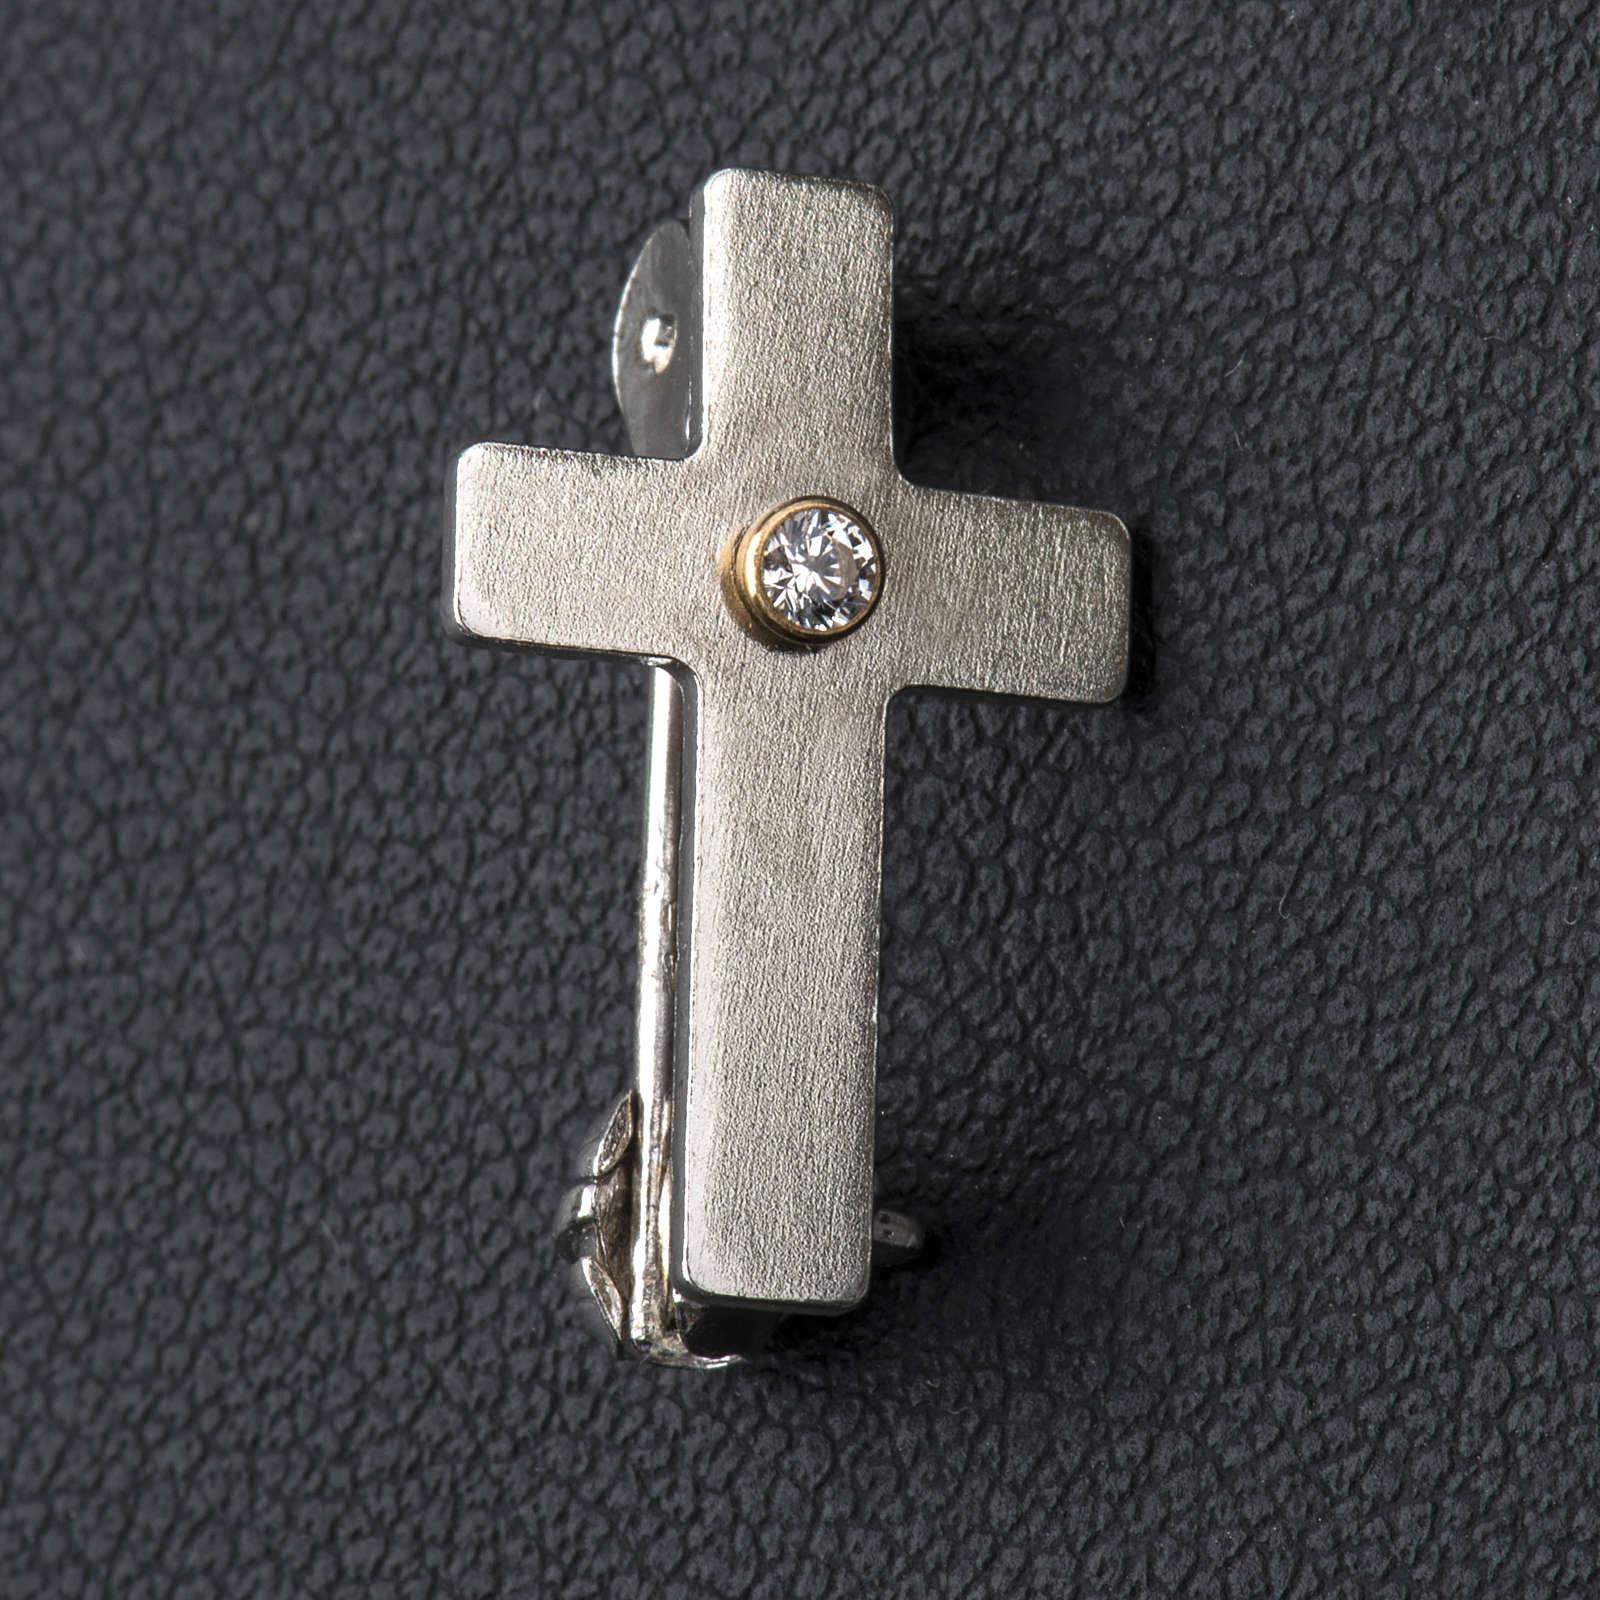 Broche de sacerdote cruz clássica zircão prata 925 4